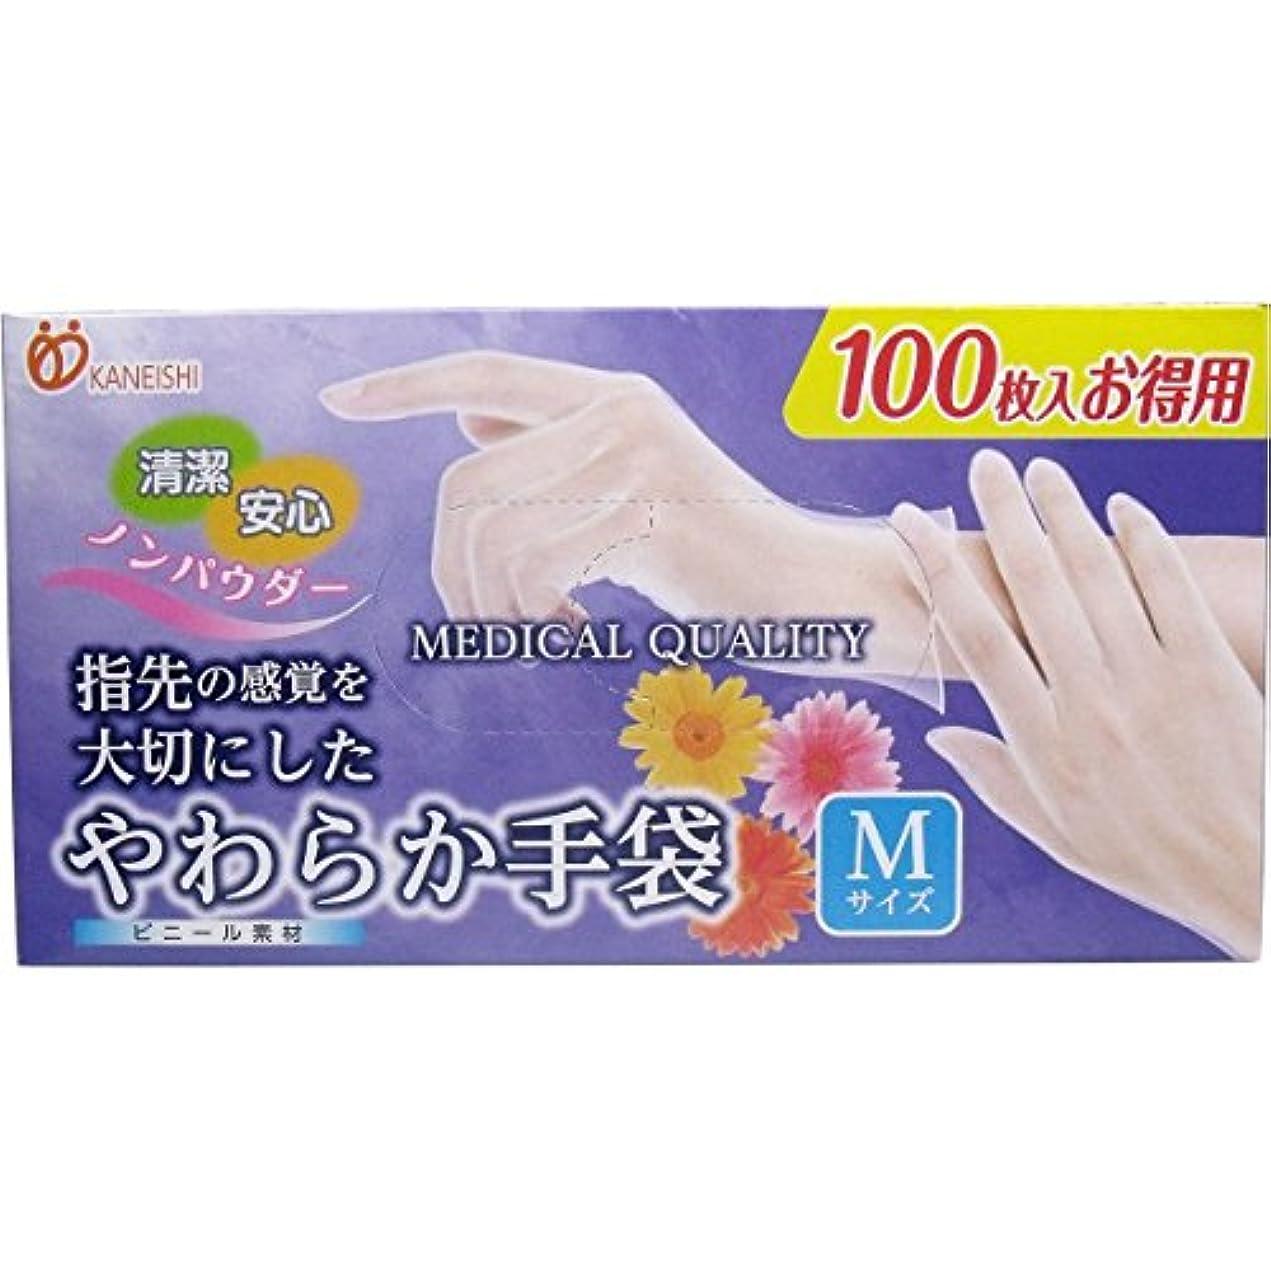 下品エンコミウムハンカチやわらか手袋 ビニール素材 Mサイズ 100枚入x10